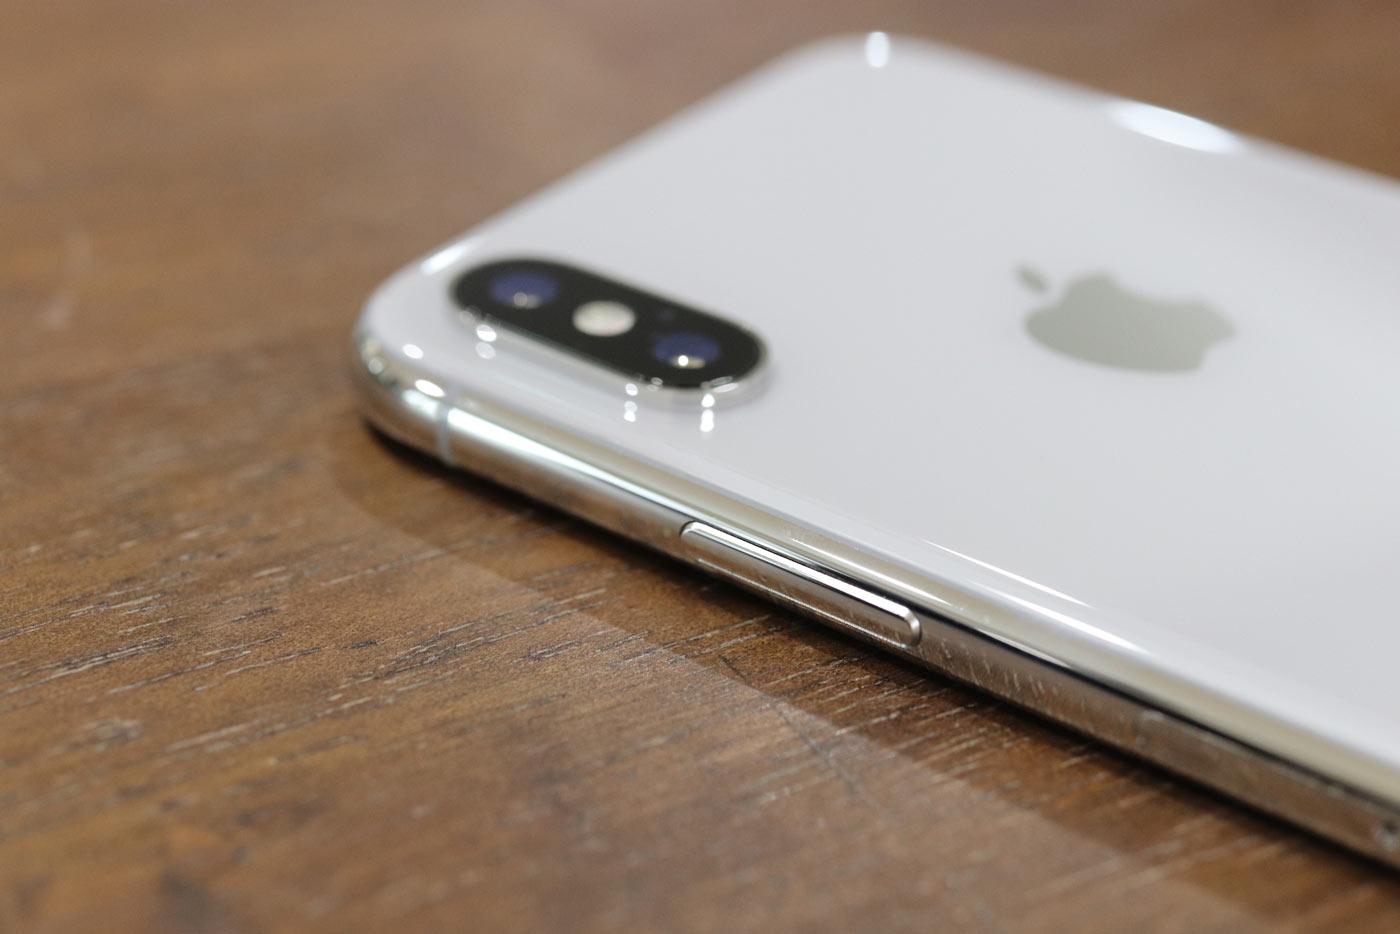 iPhone X スピーカーとLightningコネクタ